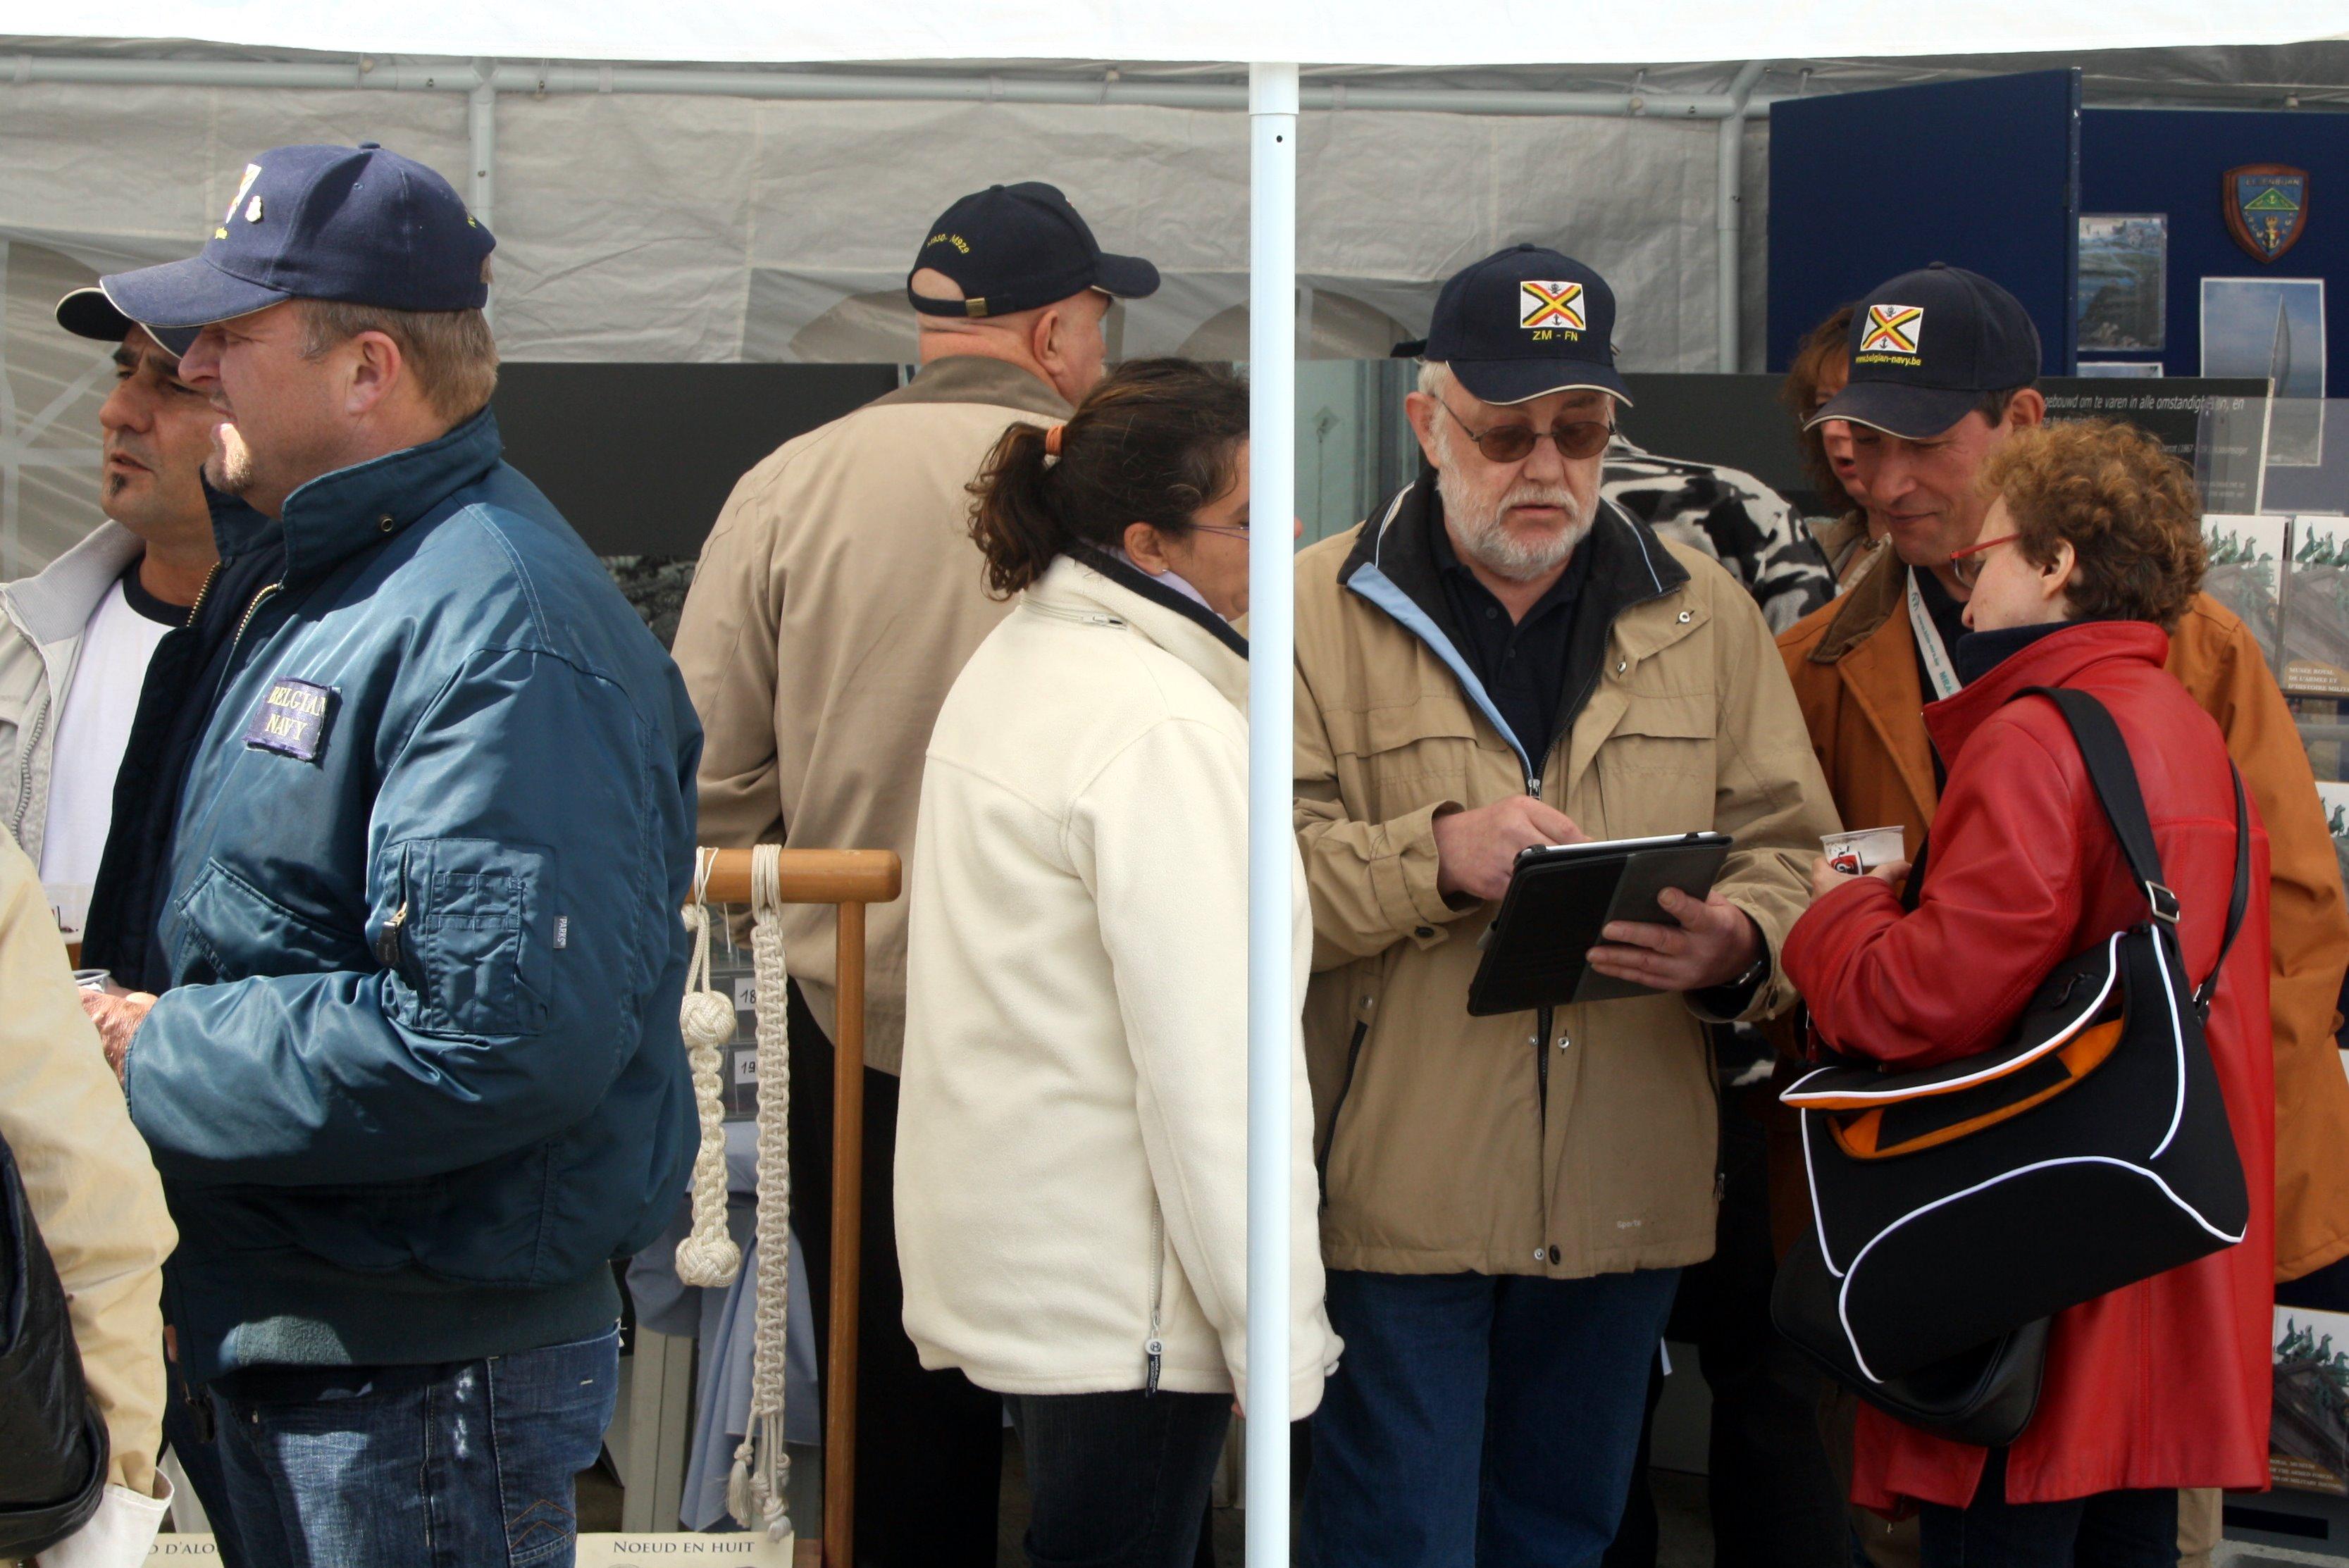 Fastes des Cadets de Marine à Bruxelles le 18/06/2011 - Page 21 1106220851131095838362327